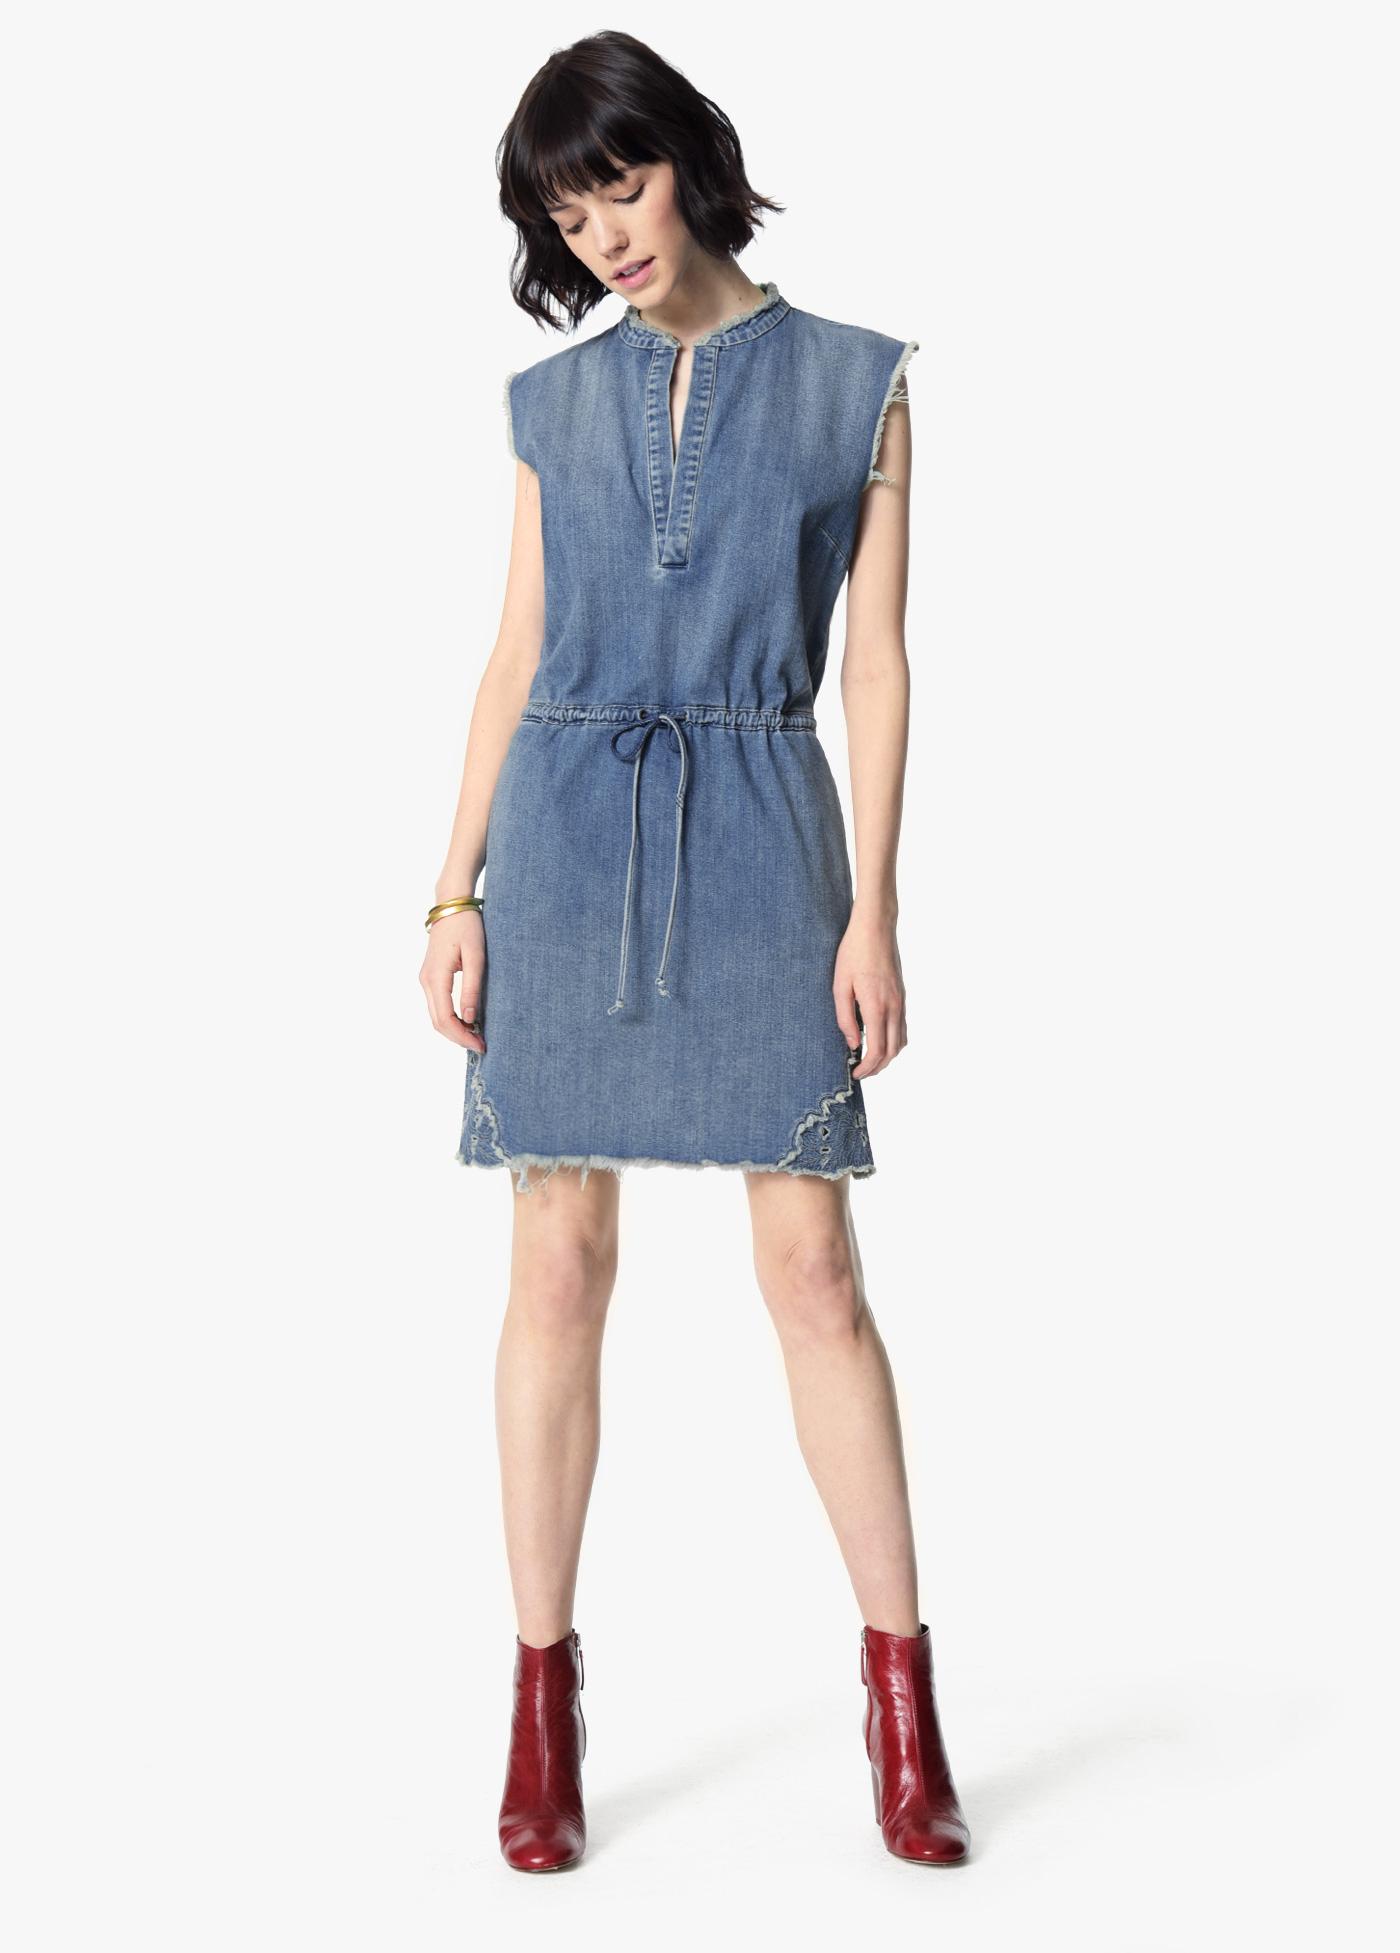 dress jeans zoe dress · zoe dress eoxsats